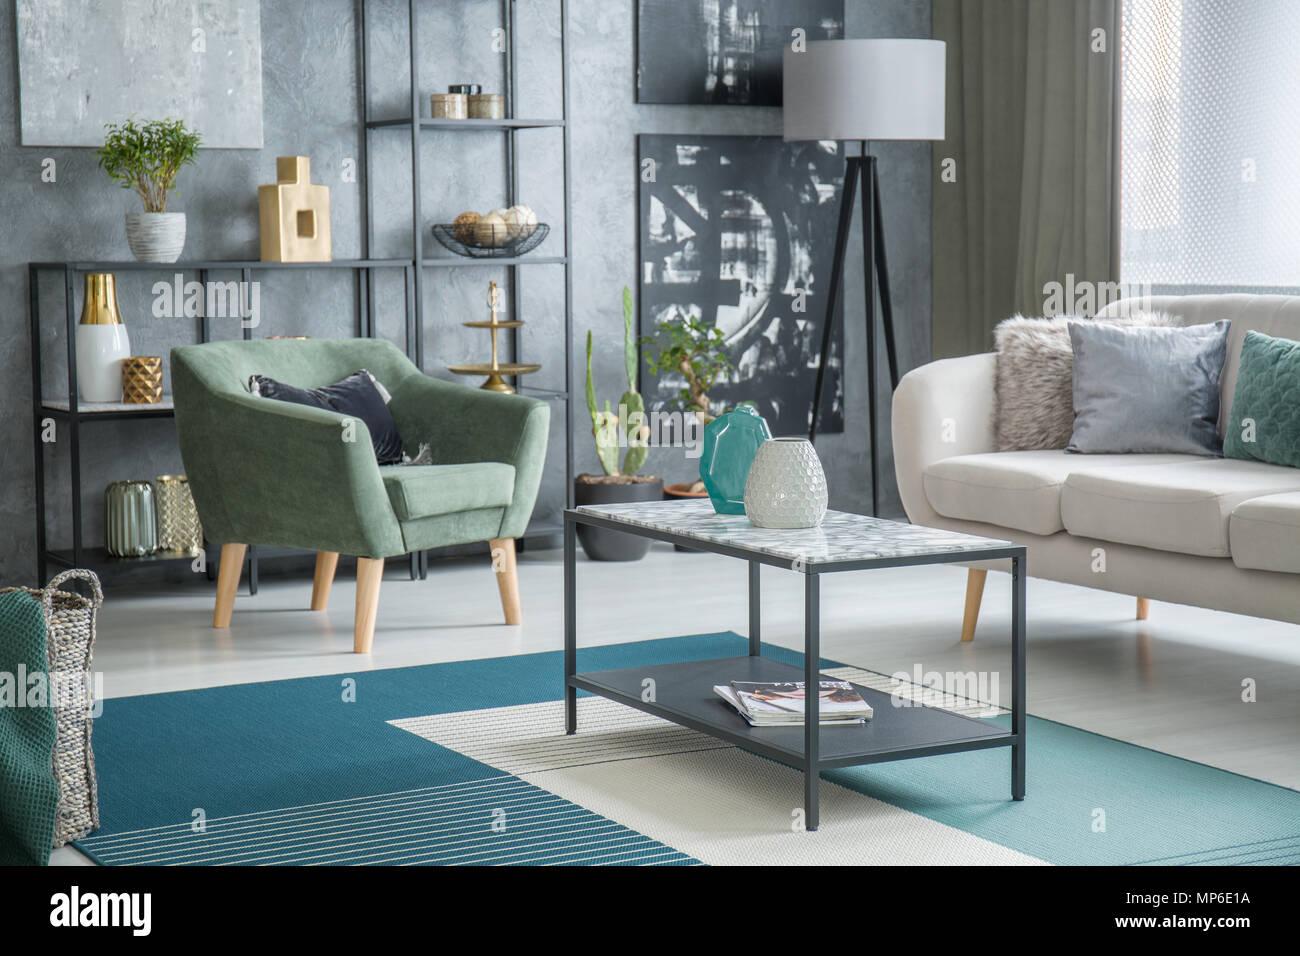 Tabelle zwischen grünen Sessel und Sofa in der modernen Wohnzimmer ...